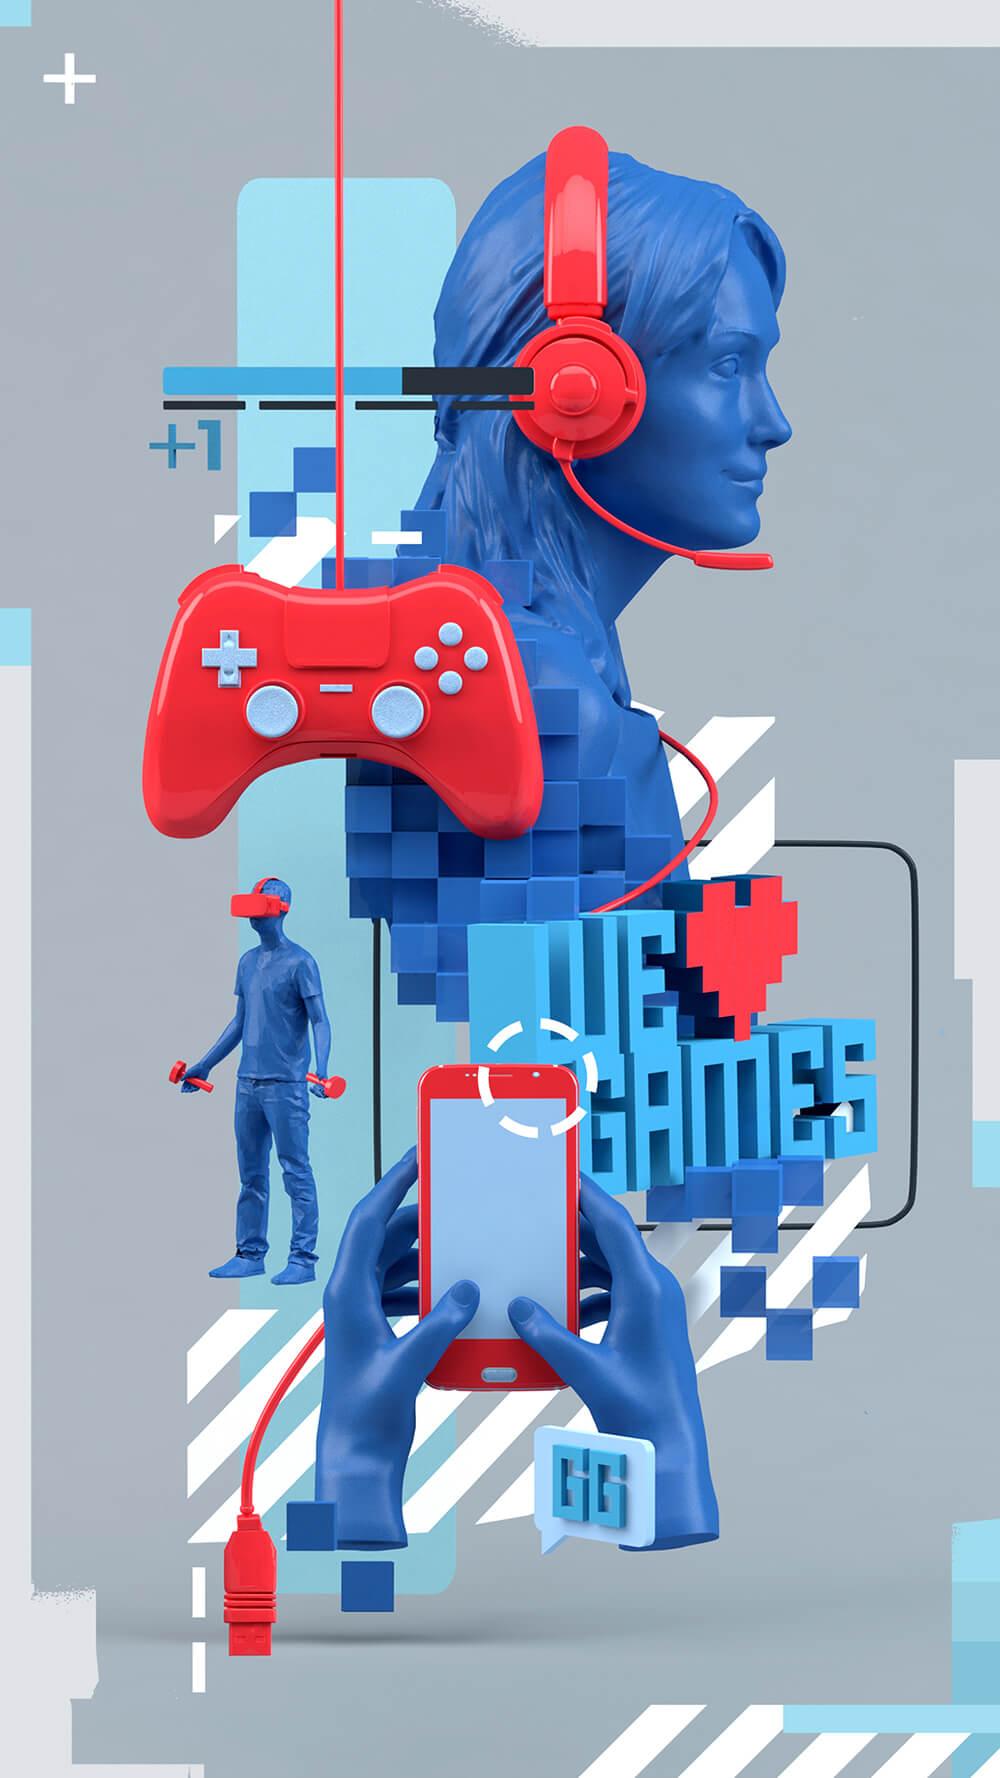 3D Games Illustration